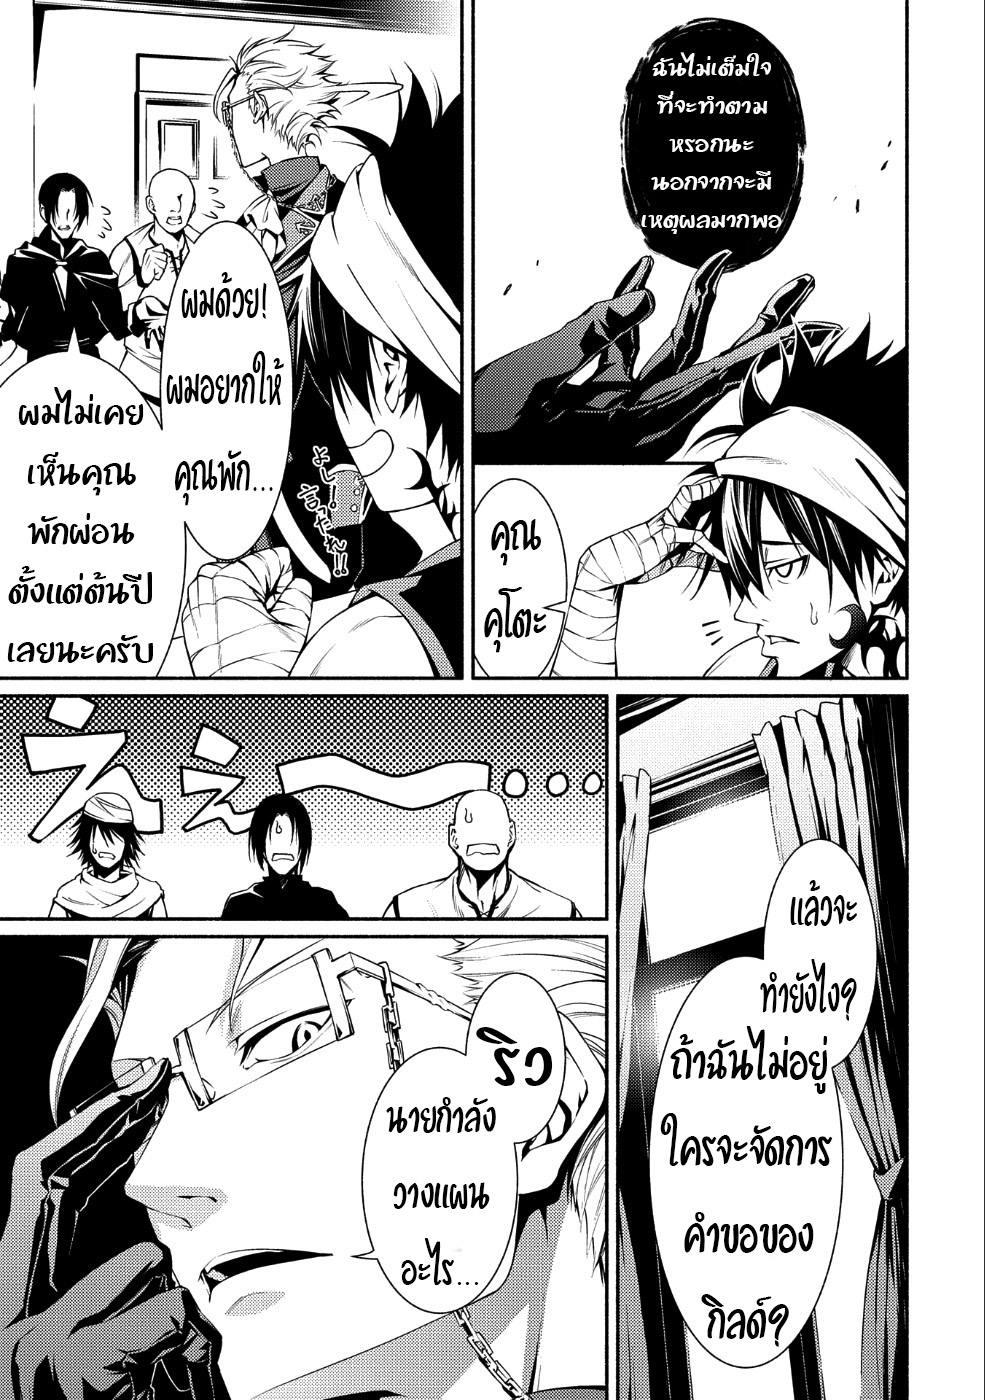 อ่านการ์ตูน Saikyou Party no Zatsuyougakari Ossan wa Muriyari Kyuuka o Tora Sareta you desu ตอนที่ 1 หน้าที่ 4